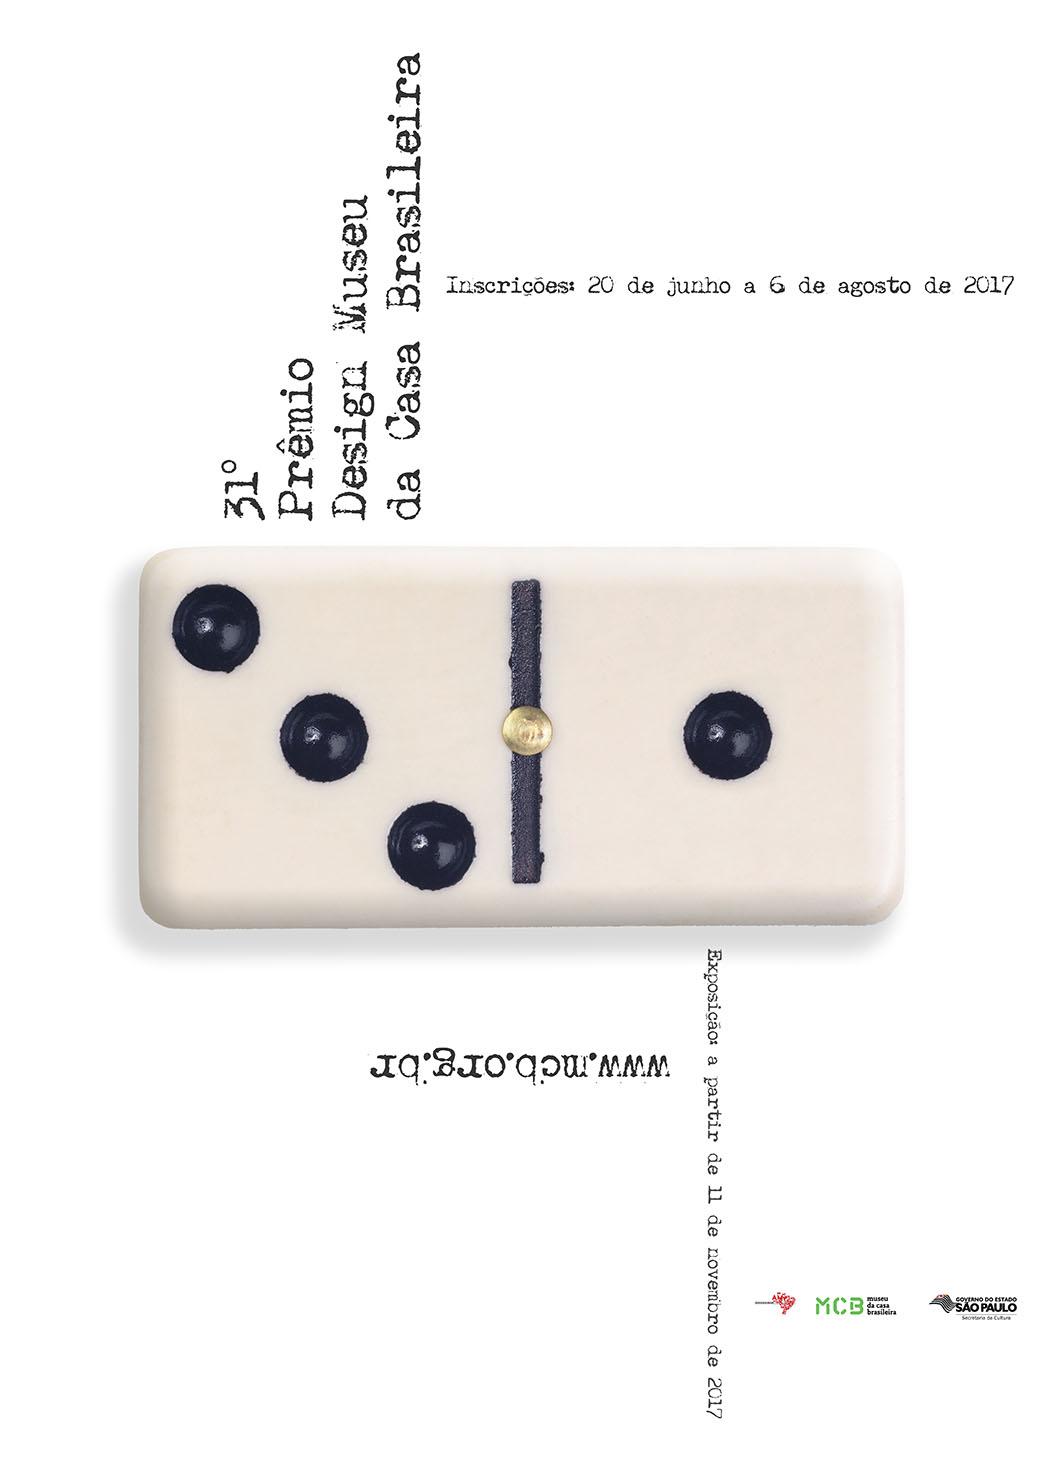 Trabalho do Paraná é destaque no Concurso do Cartaz do Prêmio Design MCB